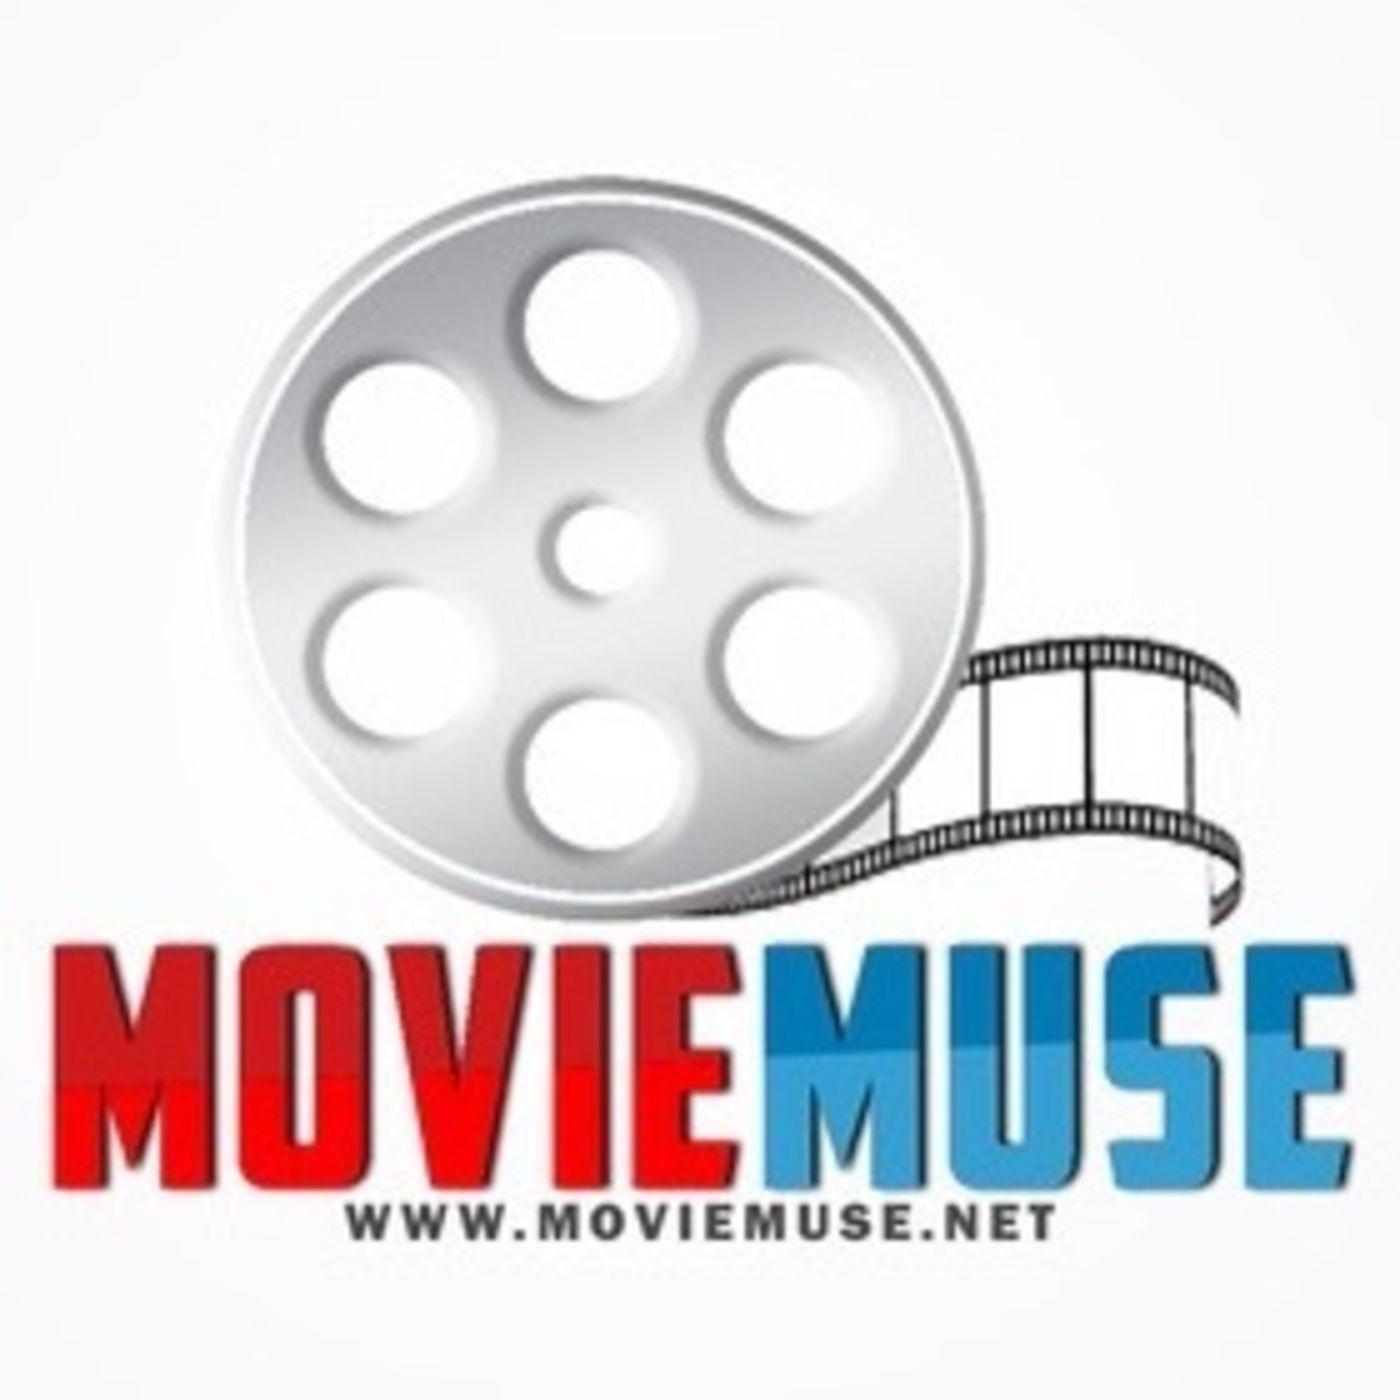 MovieMuse - Movies, Music and Random Musings